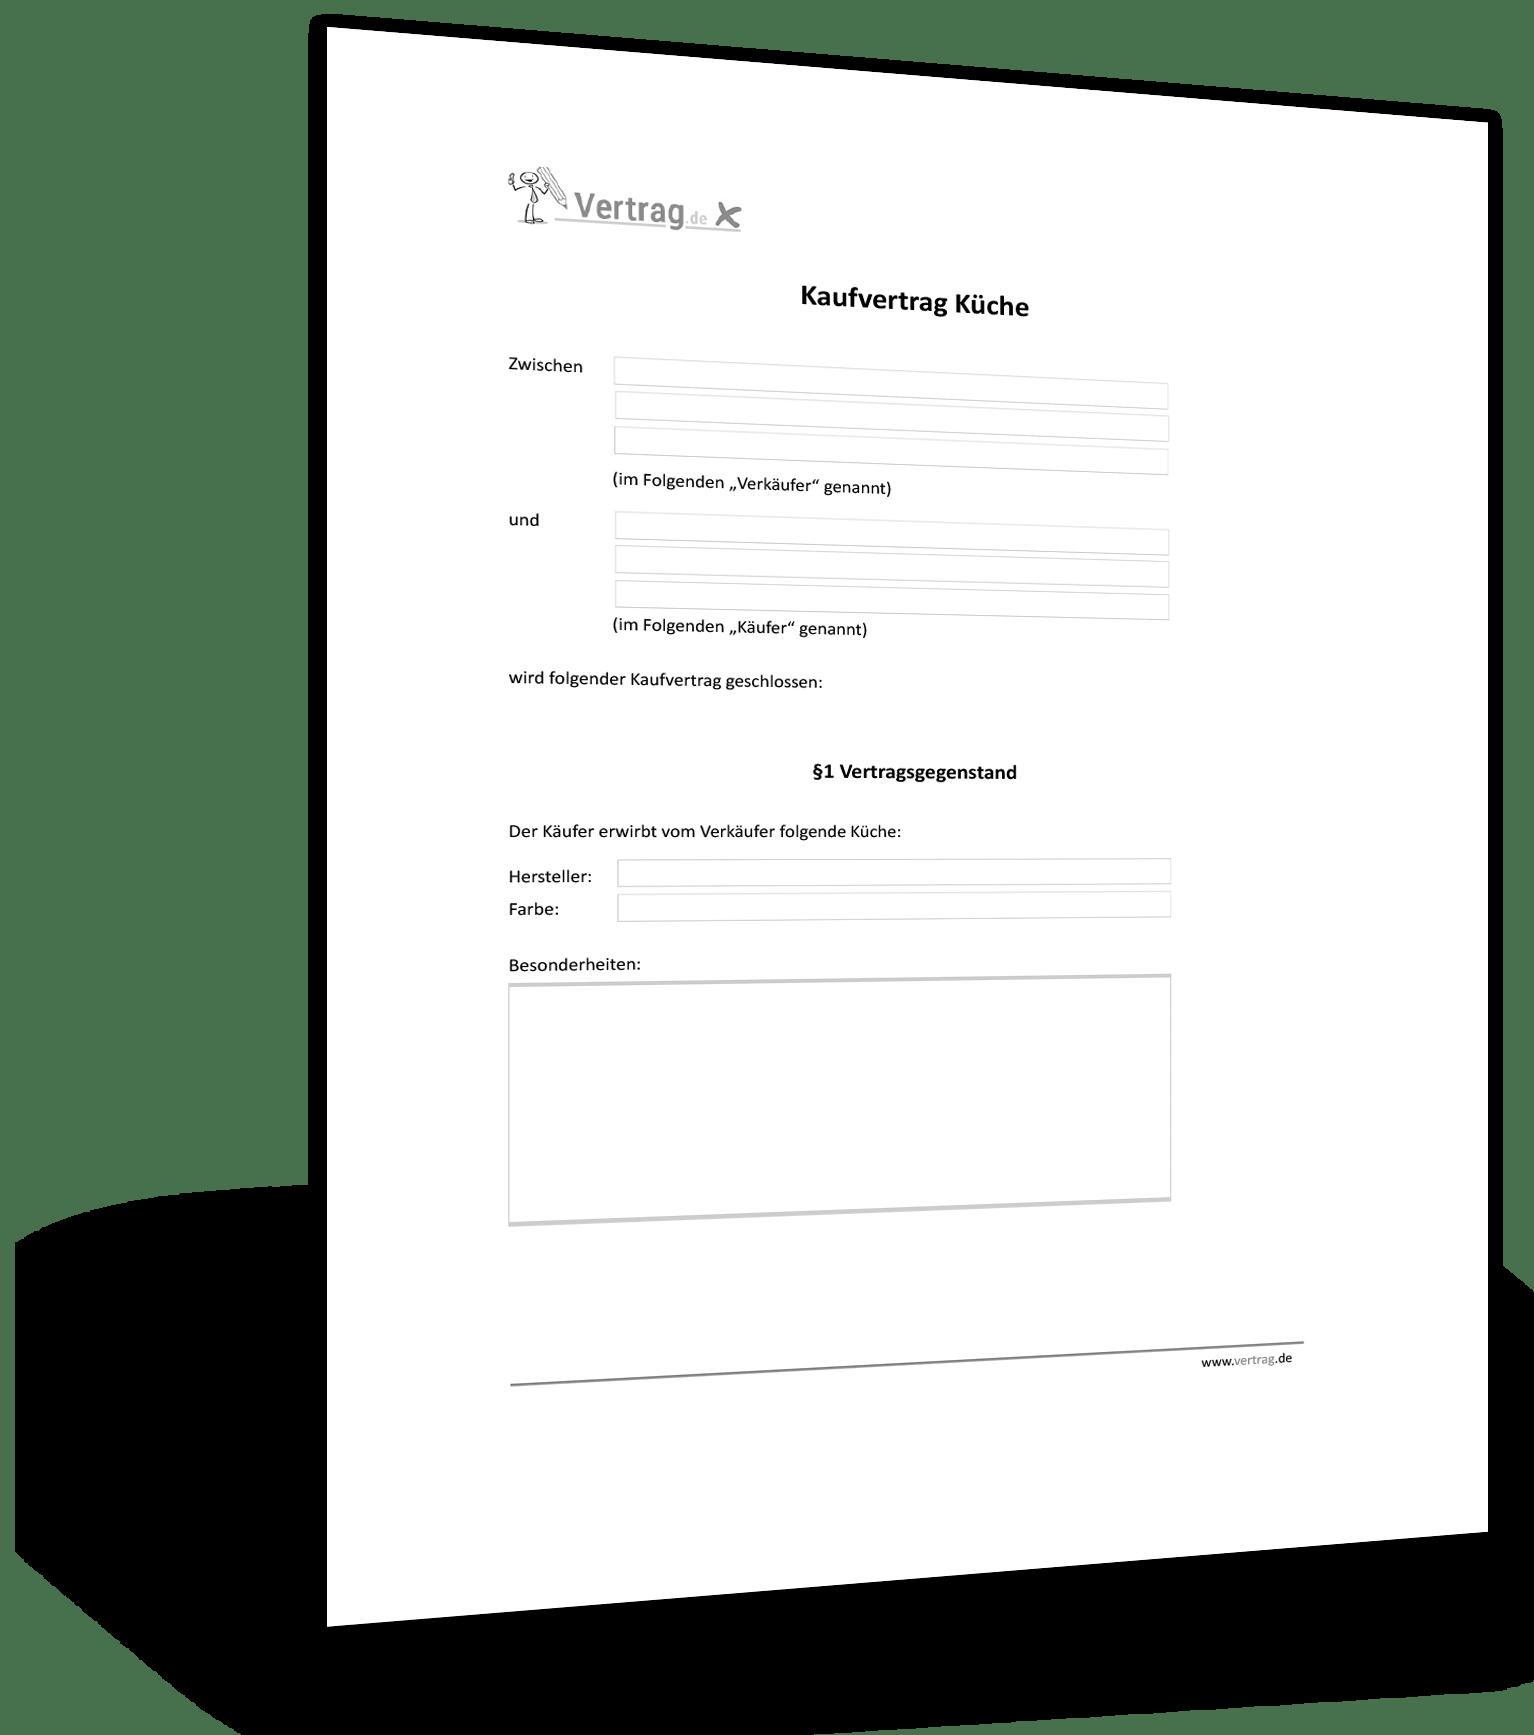 Kaufvertrag Gebrauchte Kche